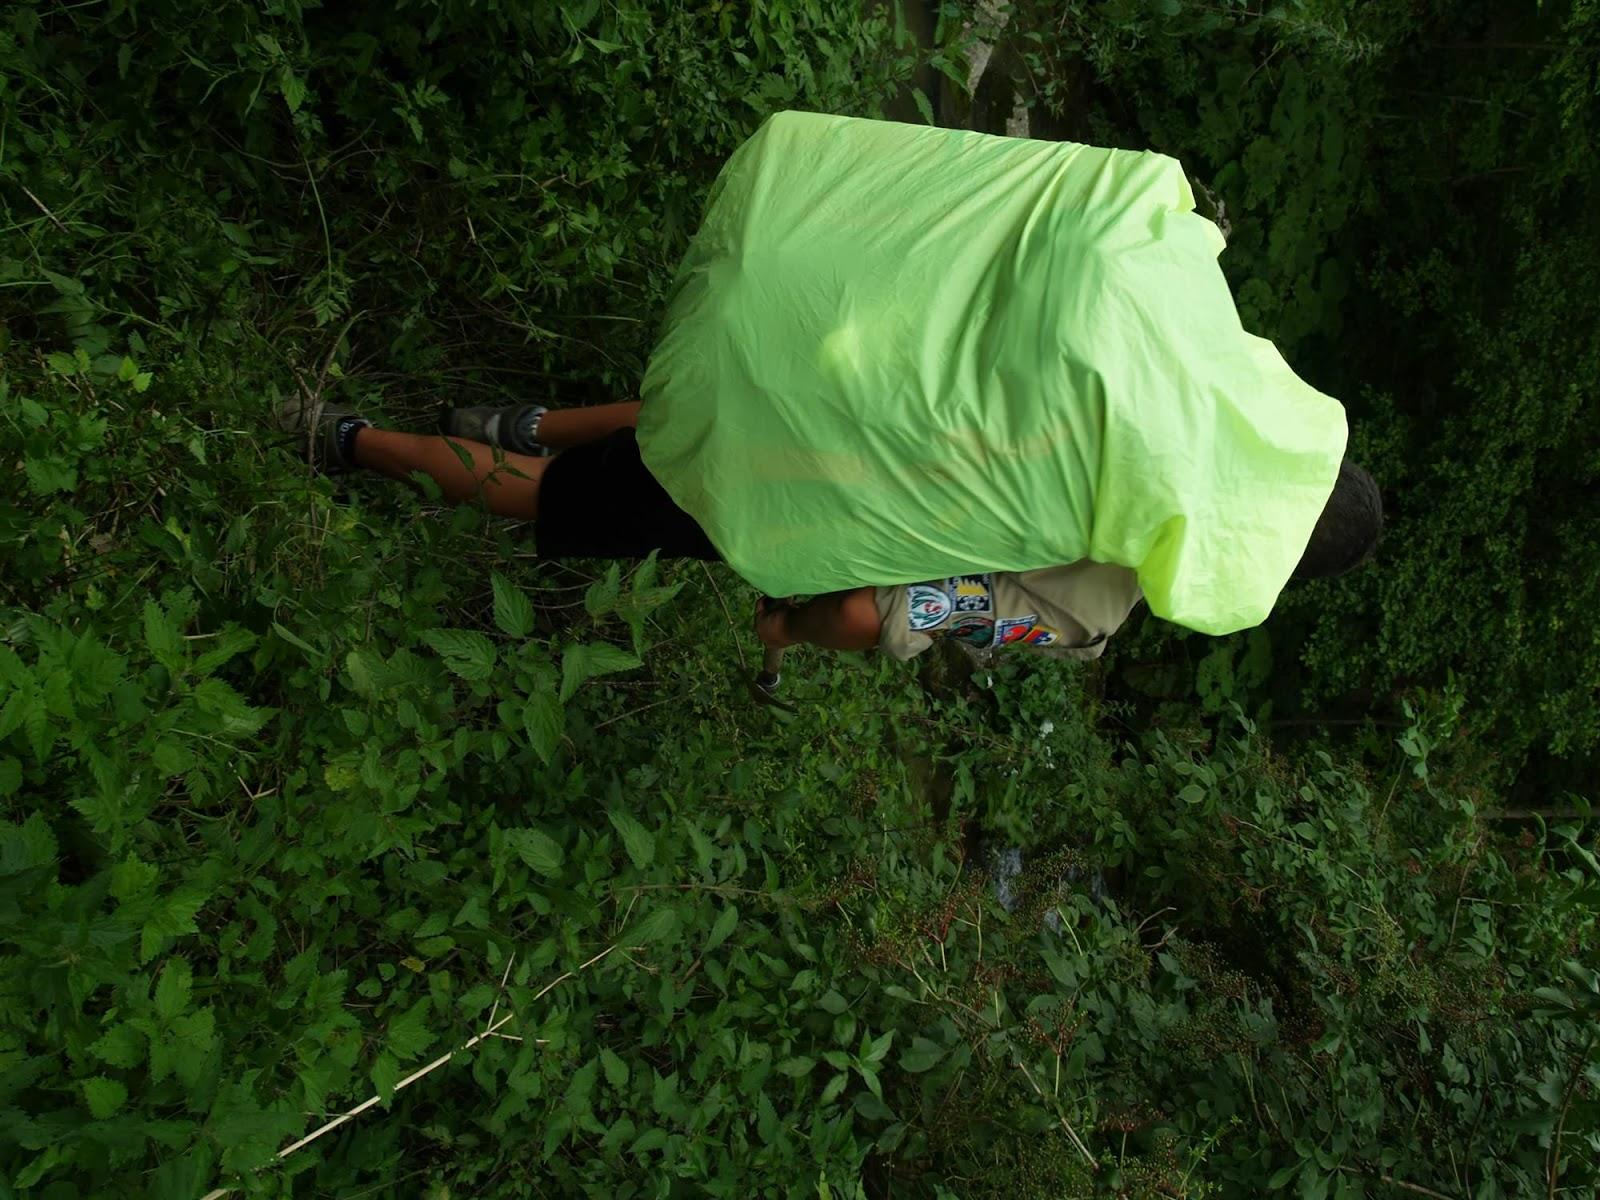 Taborjenje, Nadiža 2007 - P0127624.JPG